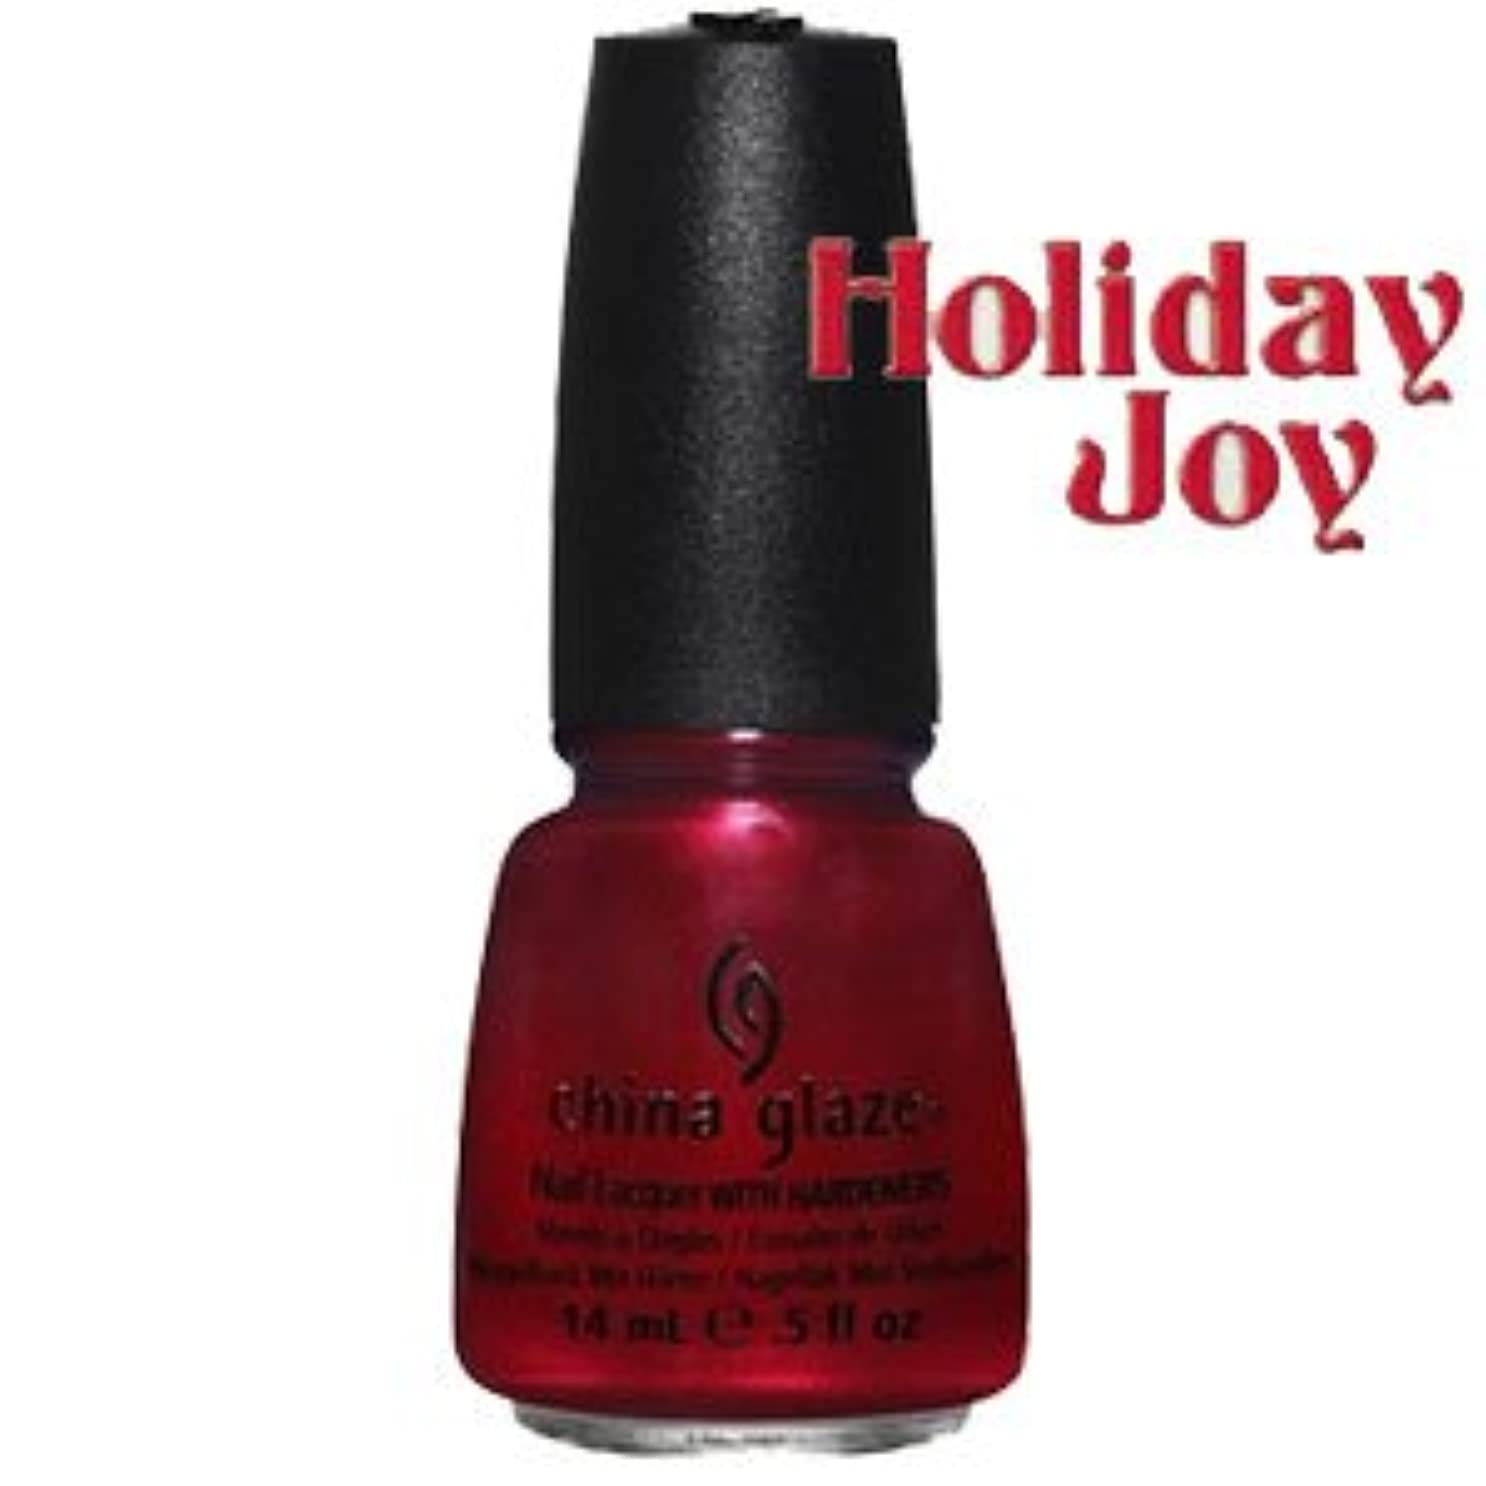 崇拝する音楽家骨折(チャイナグレイズ)China Glaze Cranberry Splashー'12Holiday Joy コレクション [海外直送品][並行輸入品]